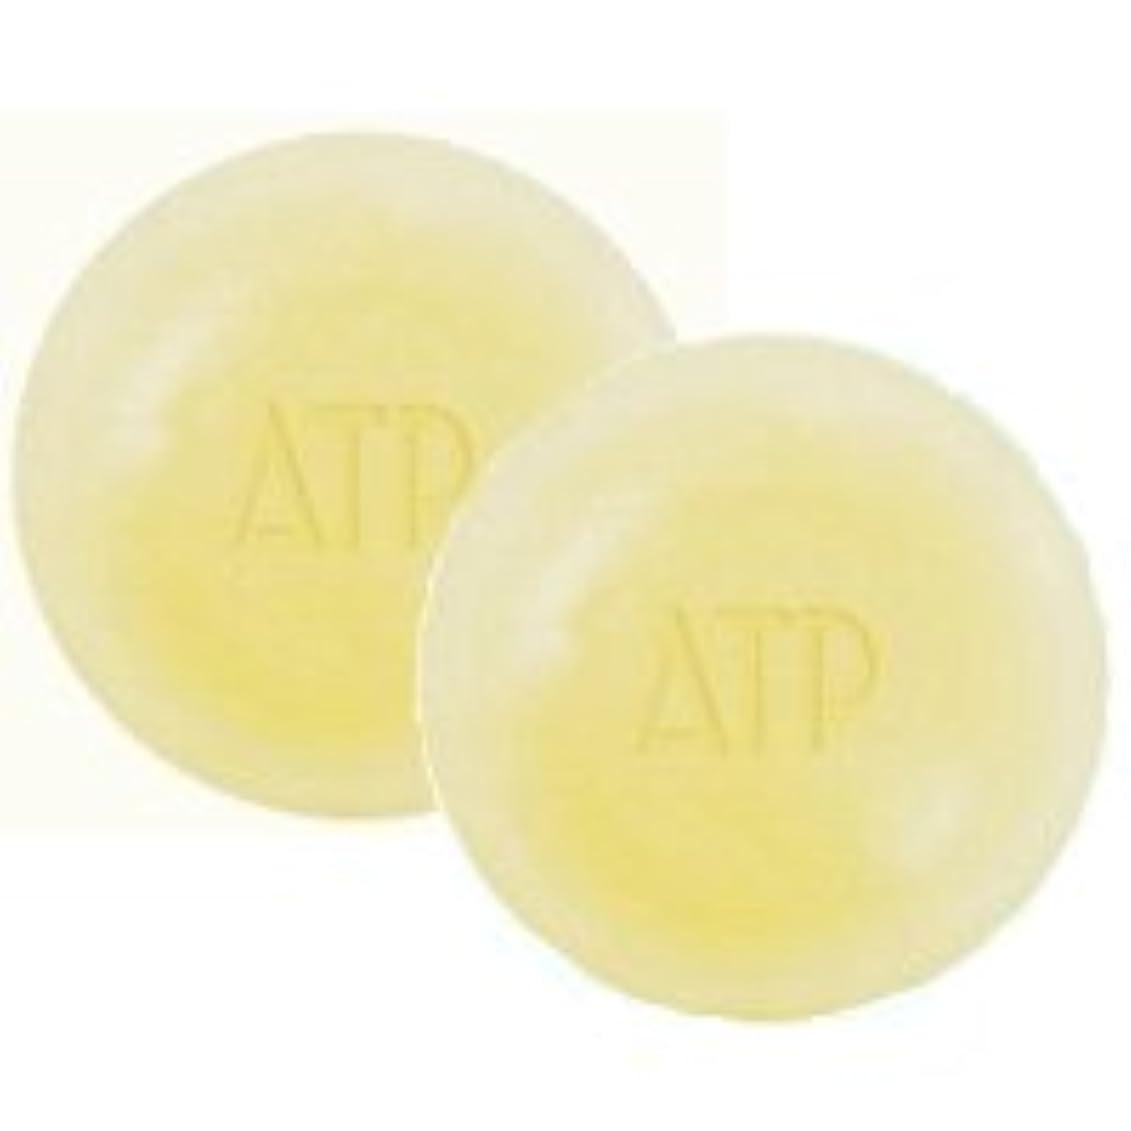 アプライアンス自己勤勉ATPデリケアソープ 100g ケース付 2個セット